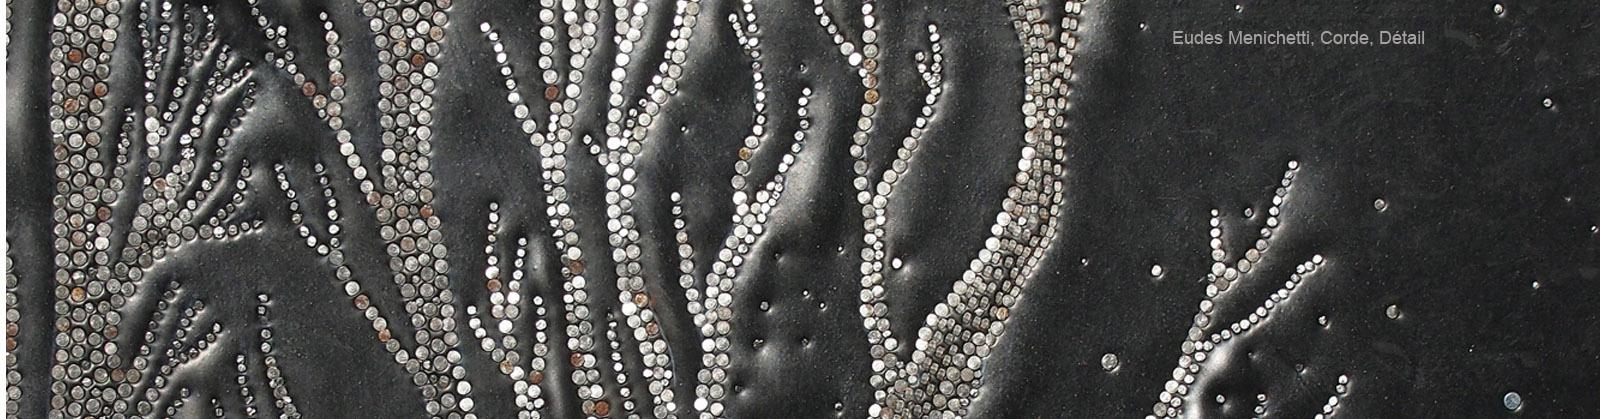 Eudes Menichetti –  Corde détail – Galerie Eko Sato